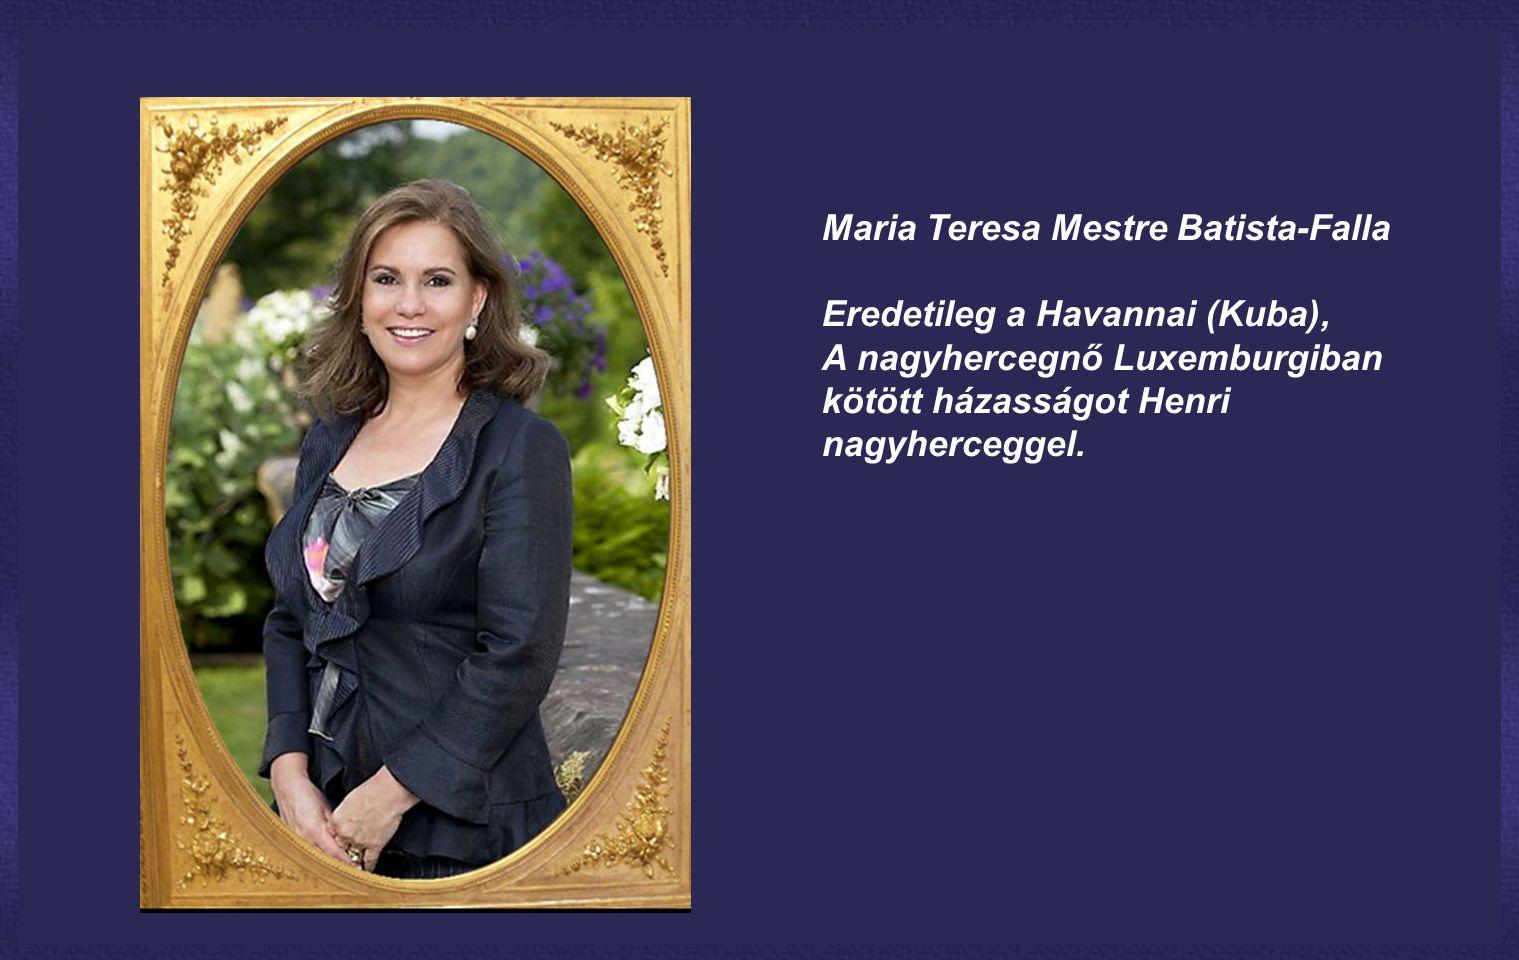 Maria Teresa Mestre Batista-Falla